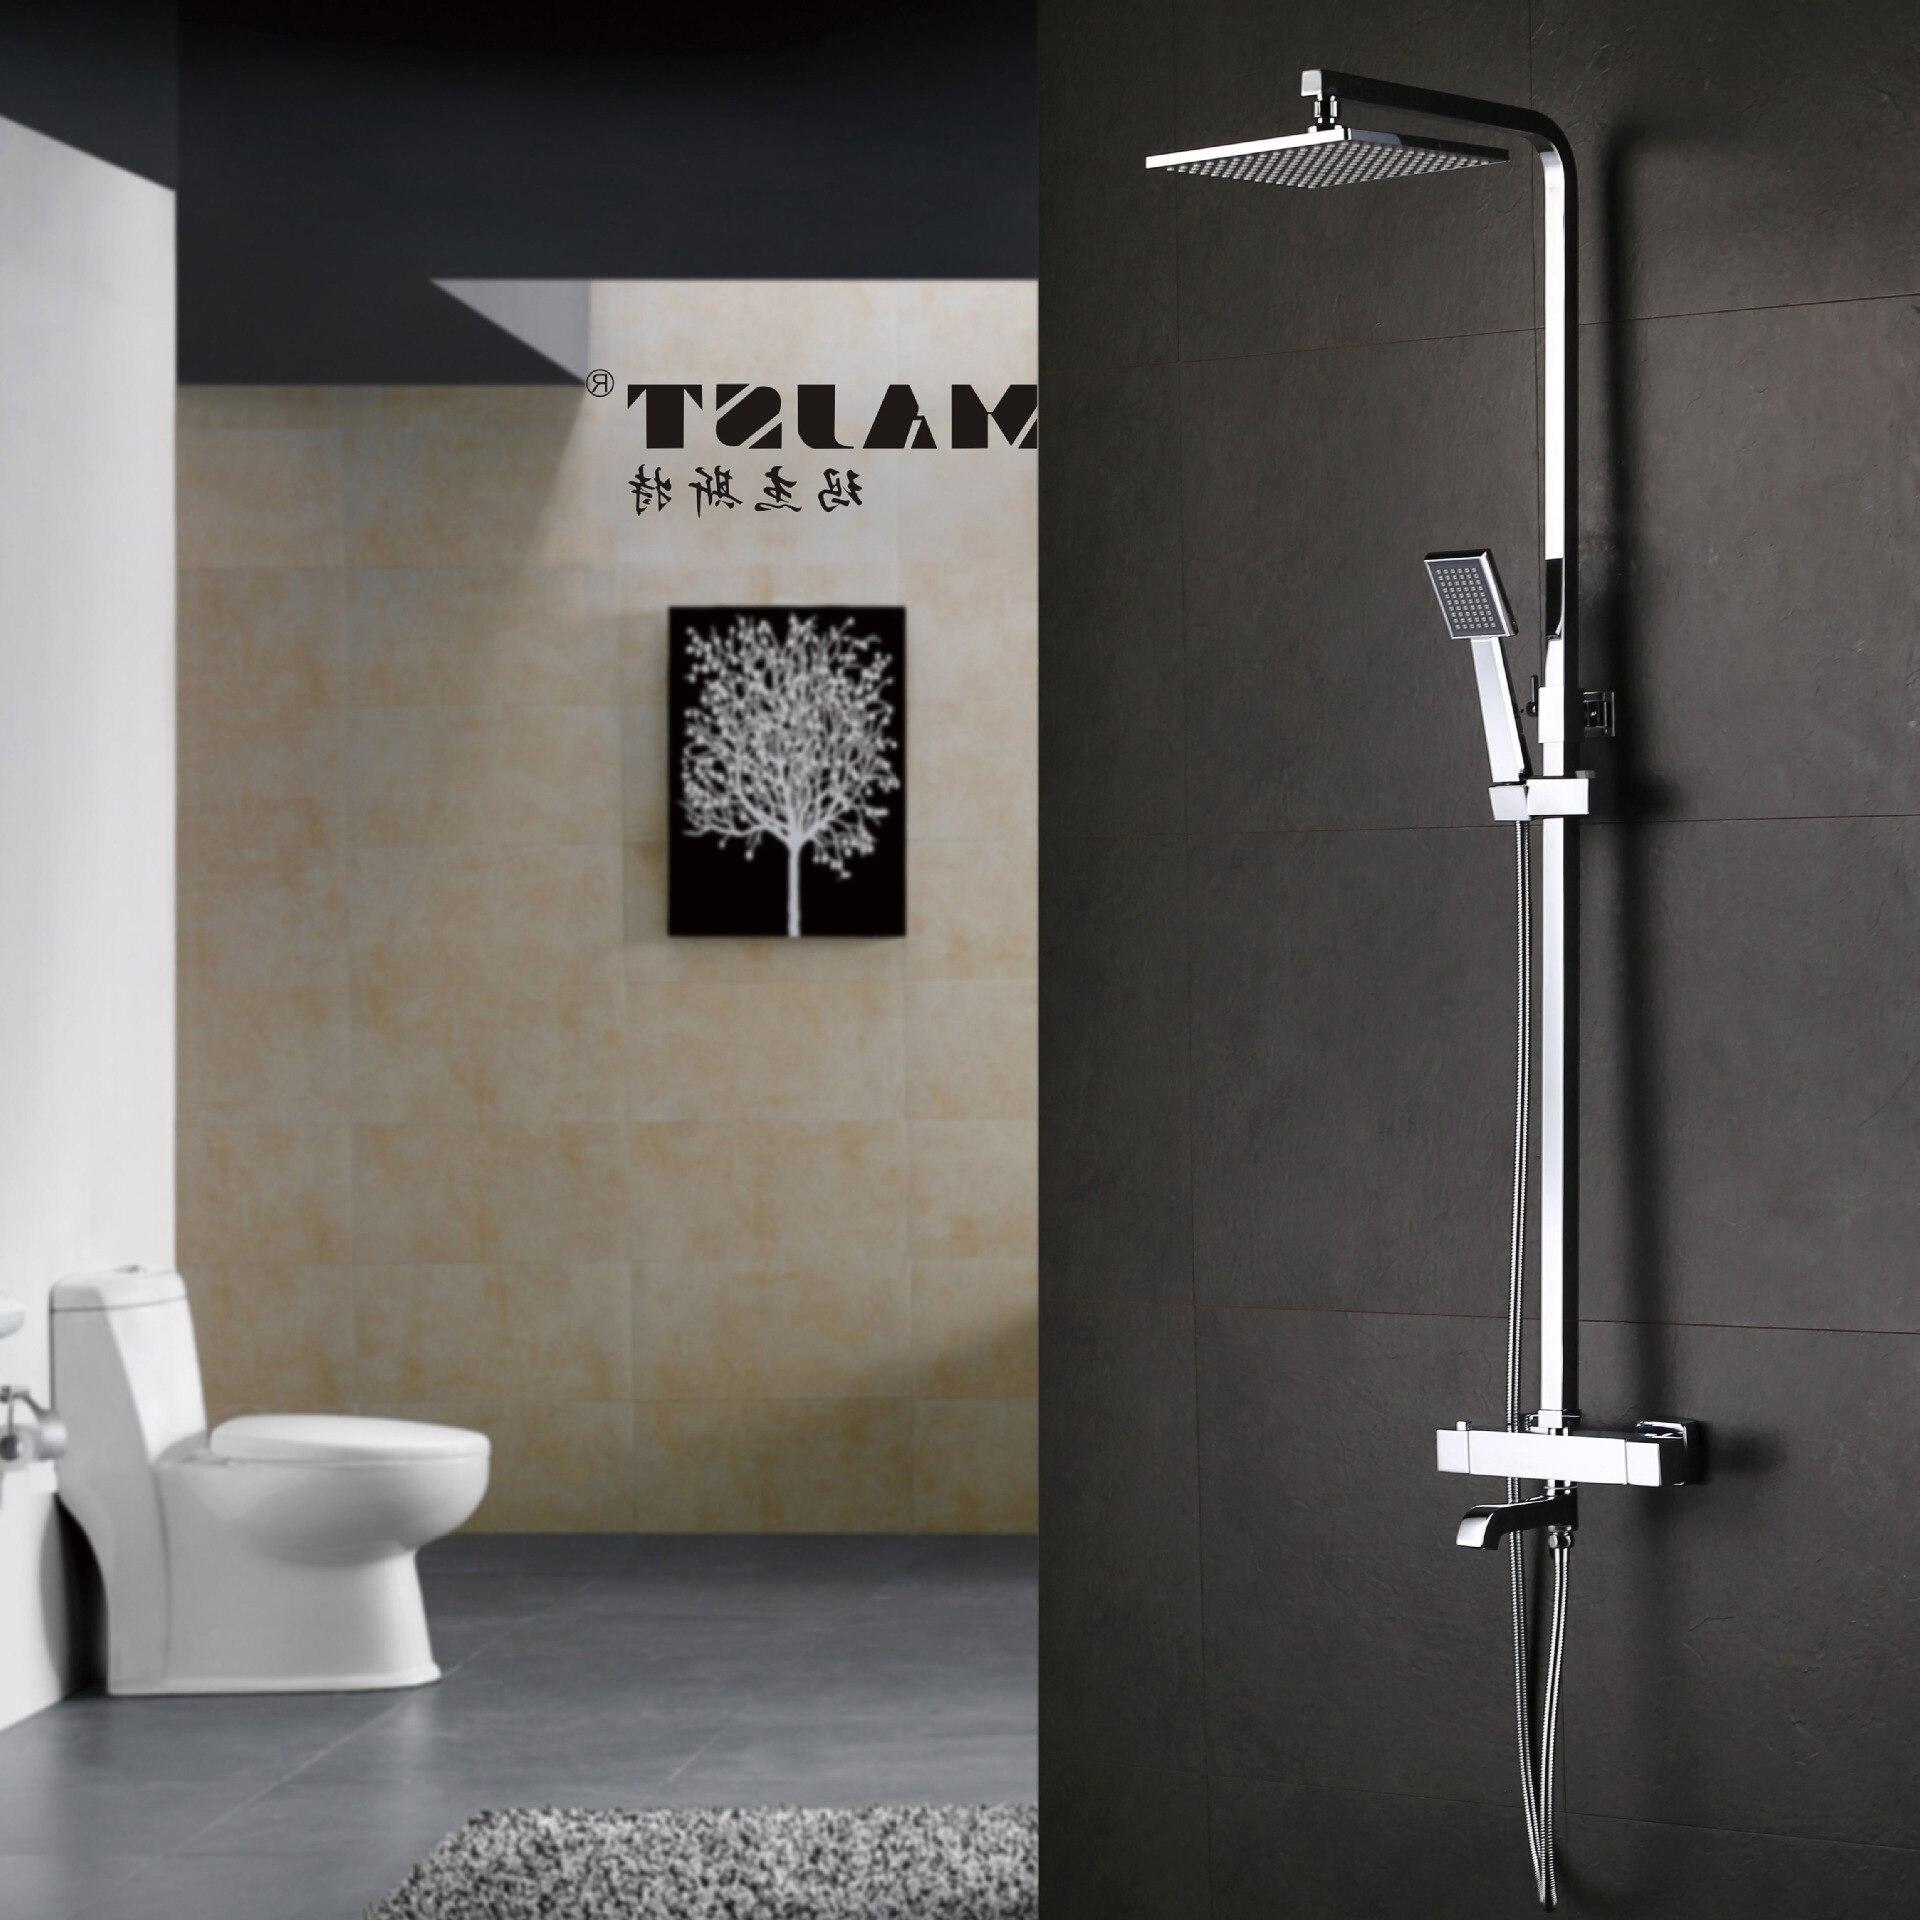 Ensemble de douche de salle de bain laiton Chrome robinet de douche mural pommeau de douche buse d'économie d'eau aérateur colonne de douche thermostatique